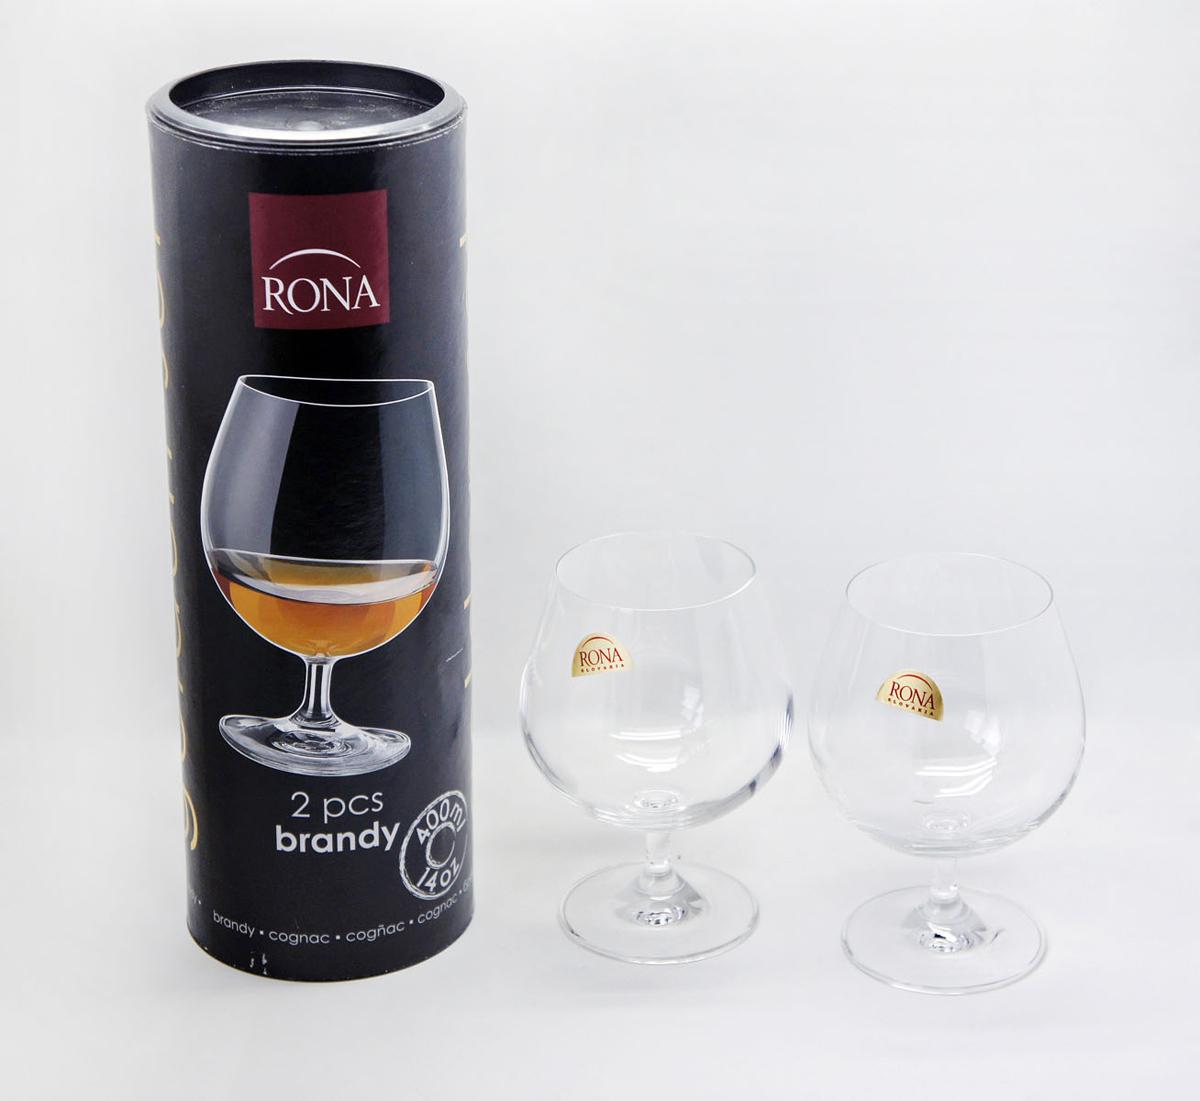 Набор бокалов для бренди Rona, 400 мл, 2 шт2570/0/400Бокалы Rona – это сочетание высочайшего качества исполнения, широкого ассортимента изделий и доступных цен. Богемское выдувное стекло, производящееся в Словакии, известно и востребовано во всем мире. Элегантные бокалы, украсят застолье и помогут создать праздничную атмосферу.